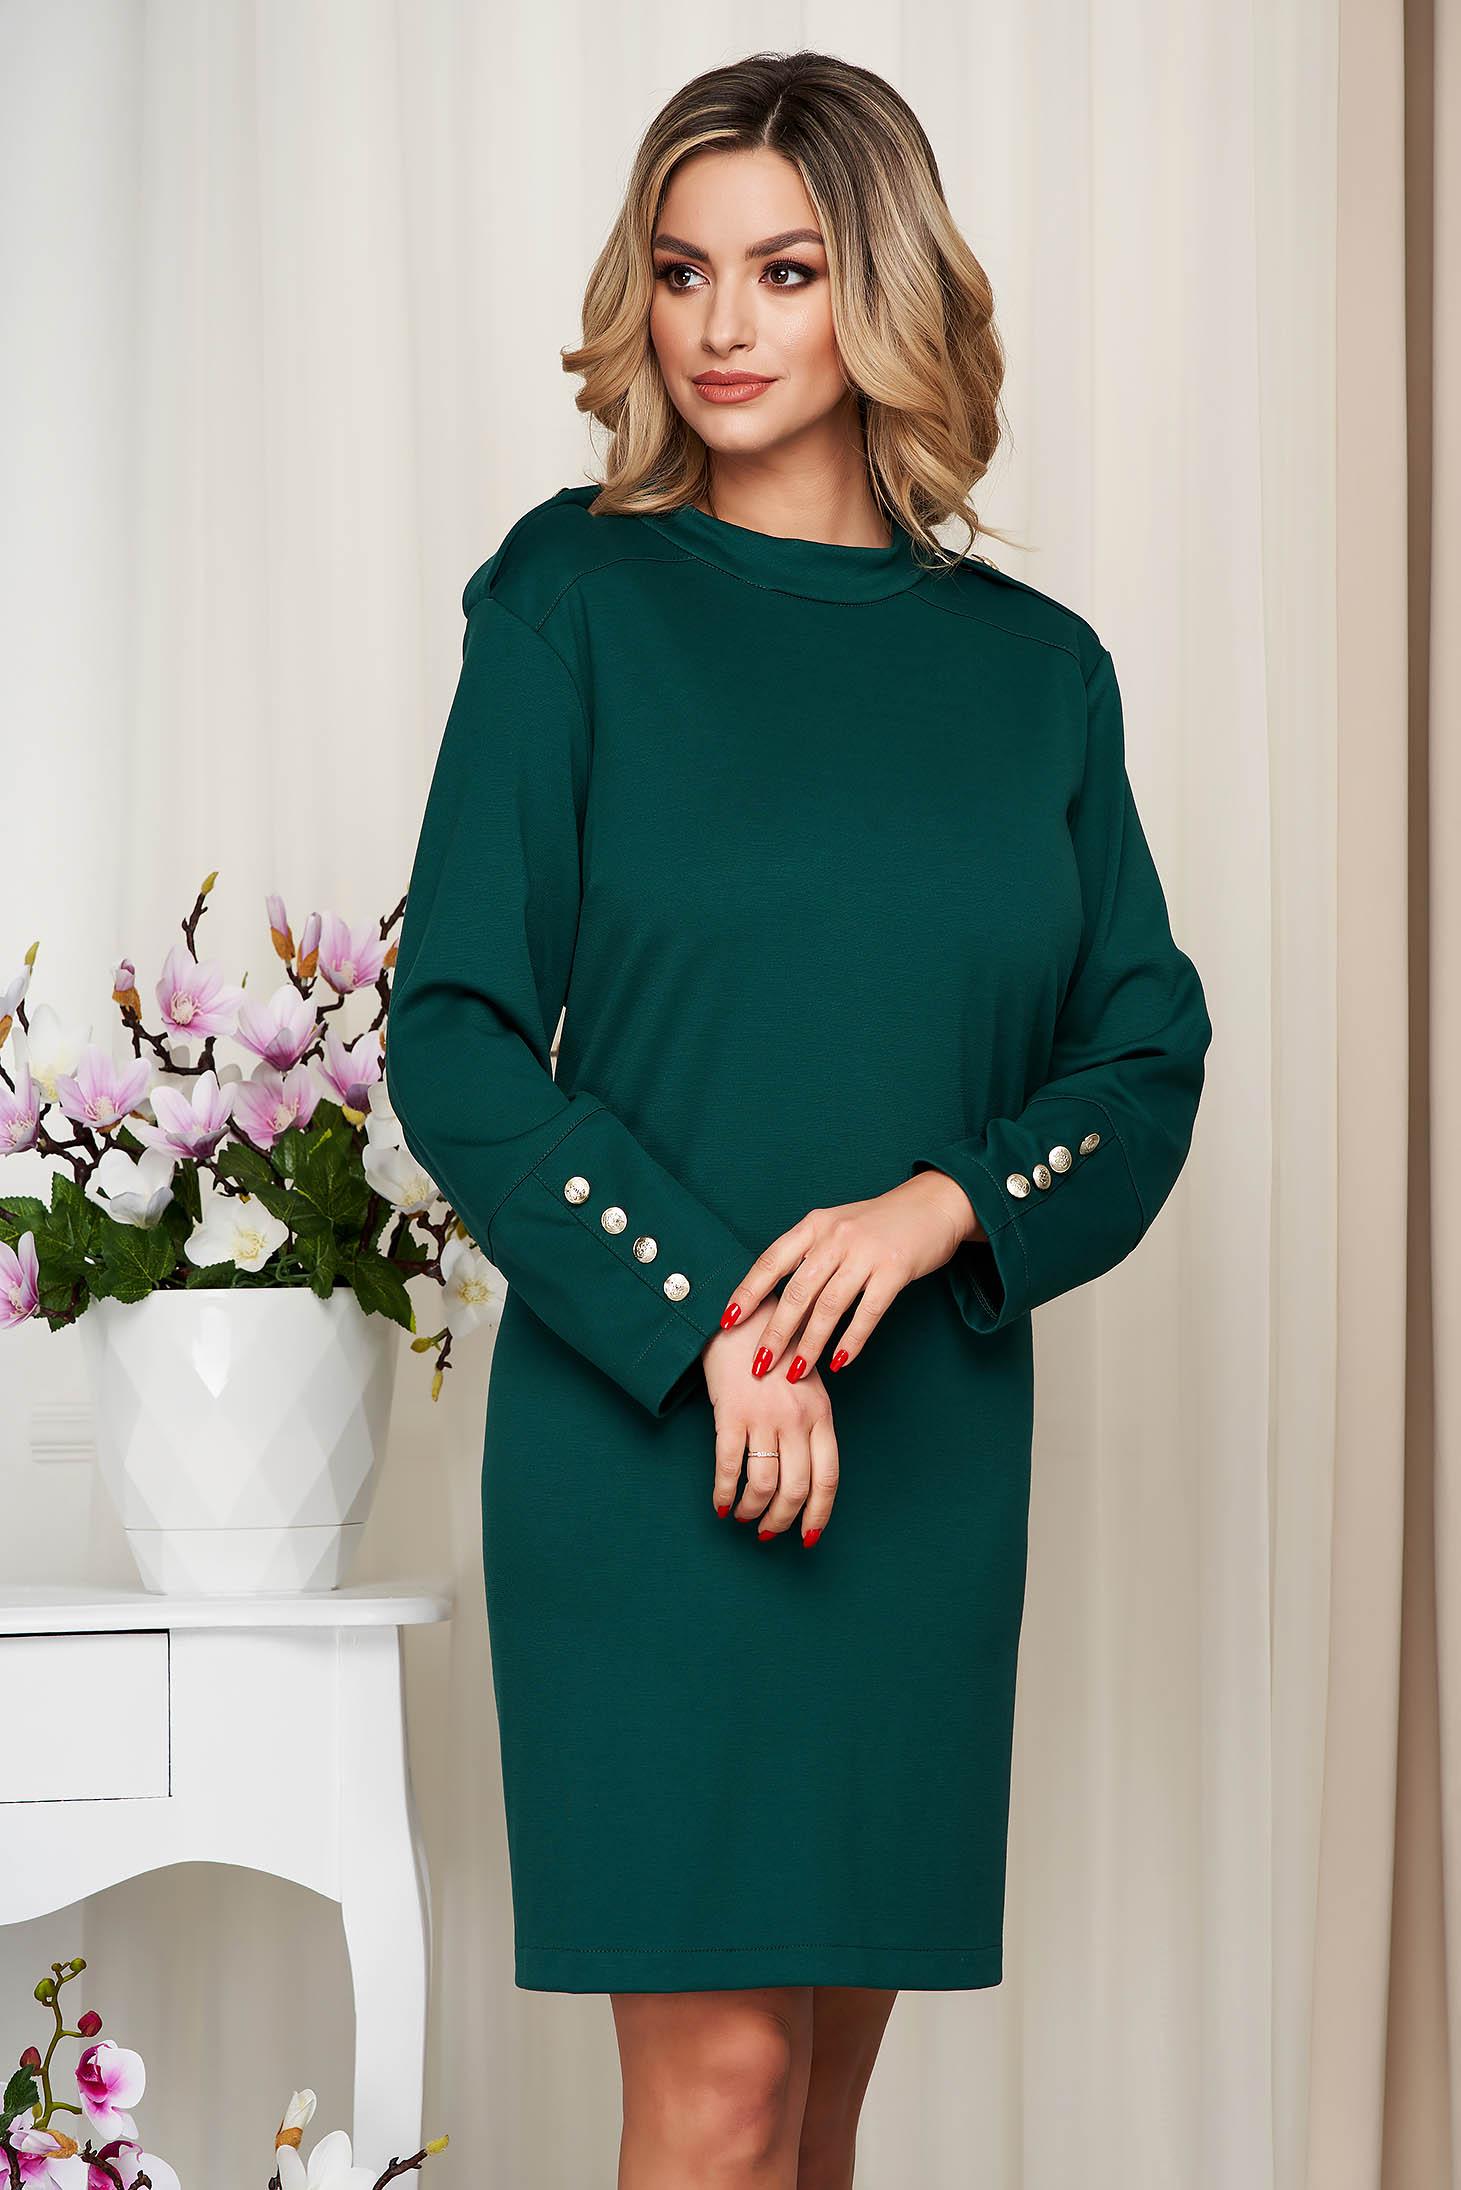 Rochie verde din material elastic cu un croi drept accesorizata cu nasturi